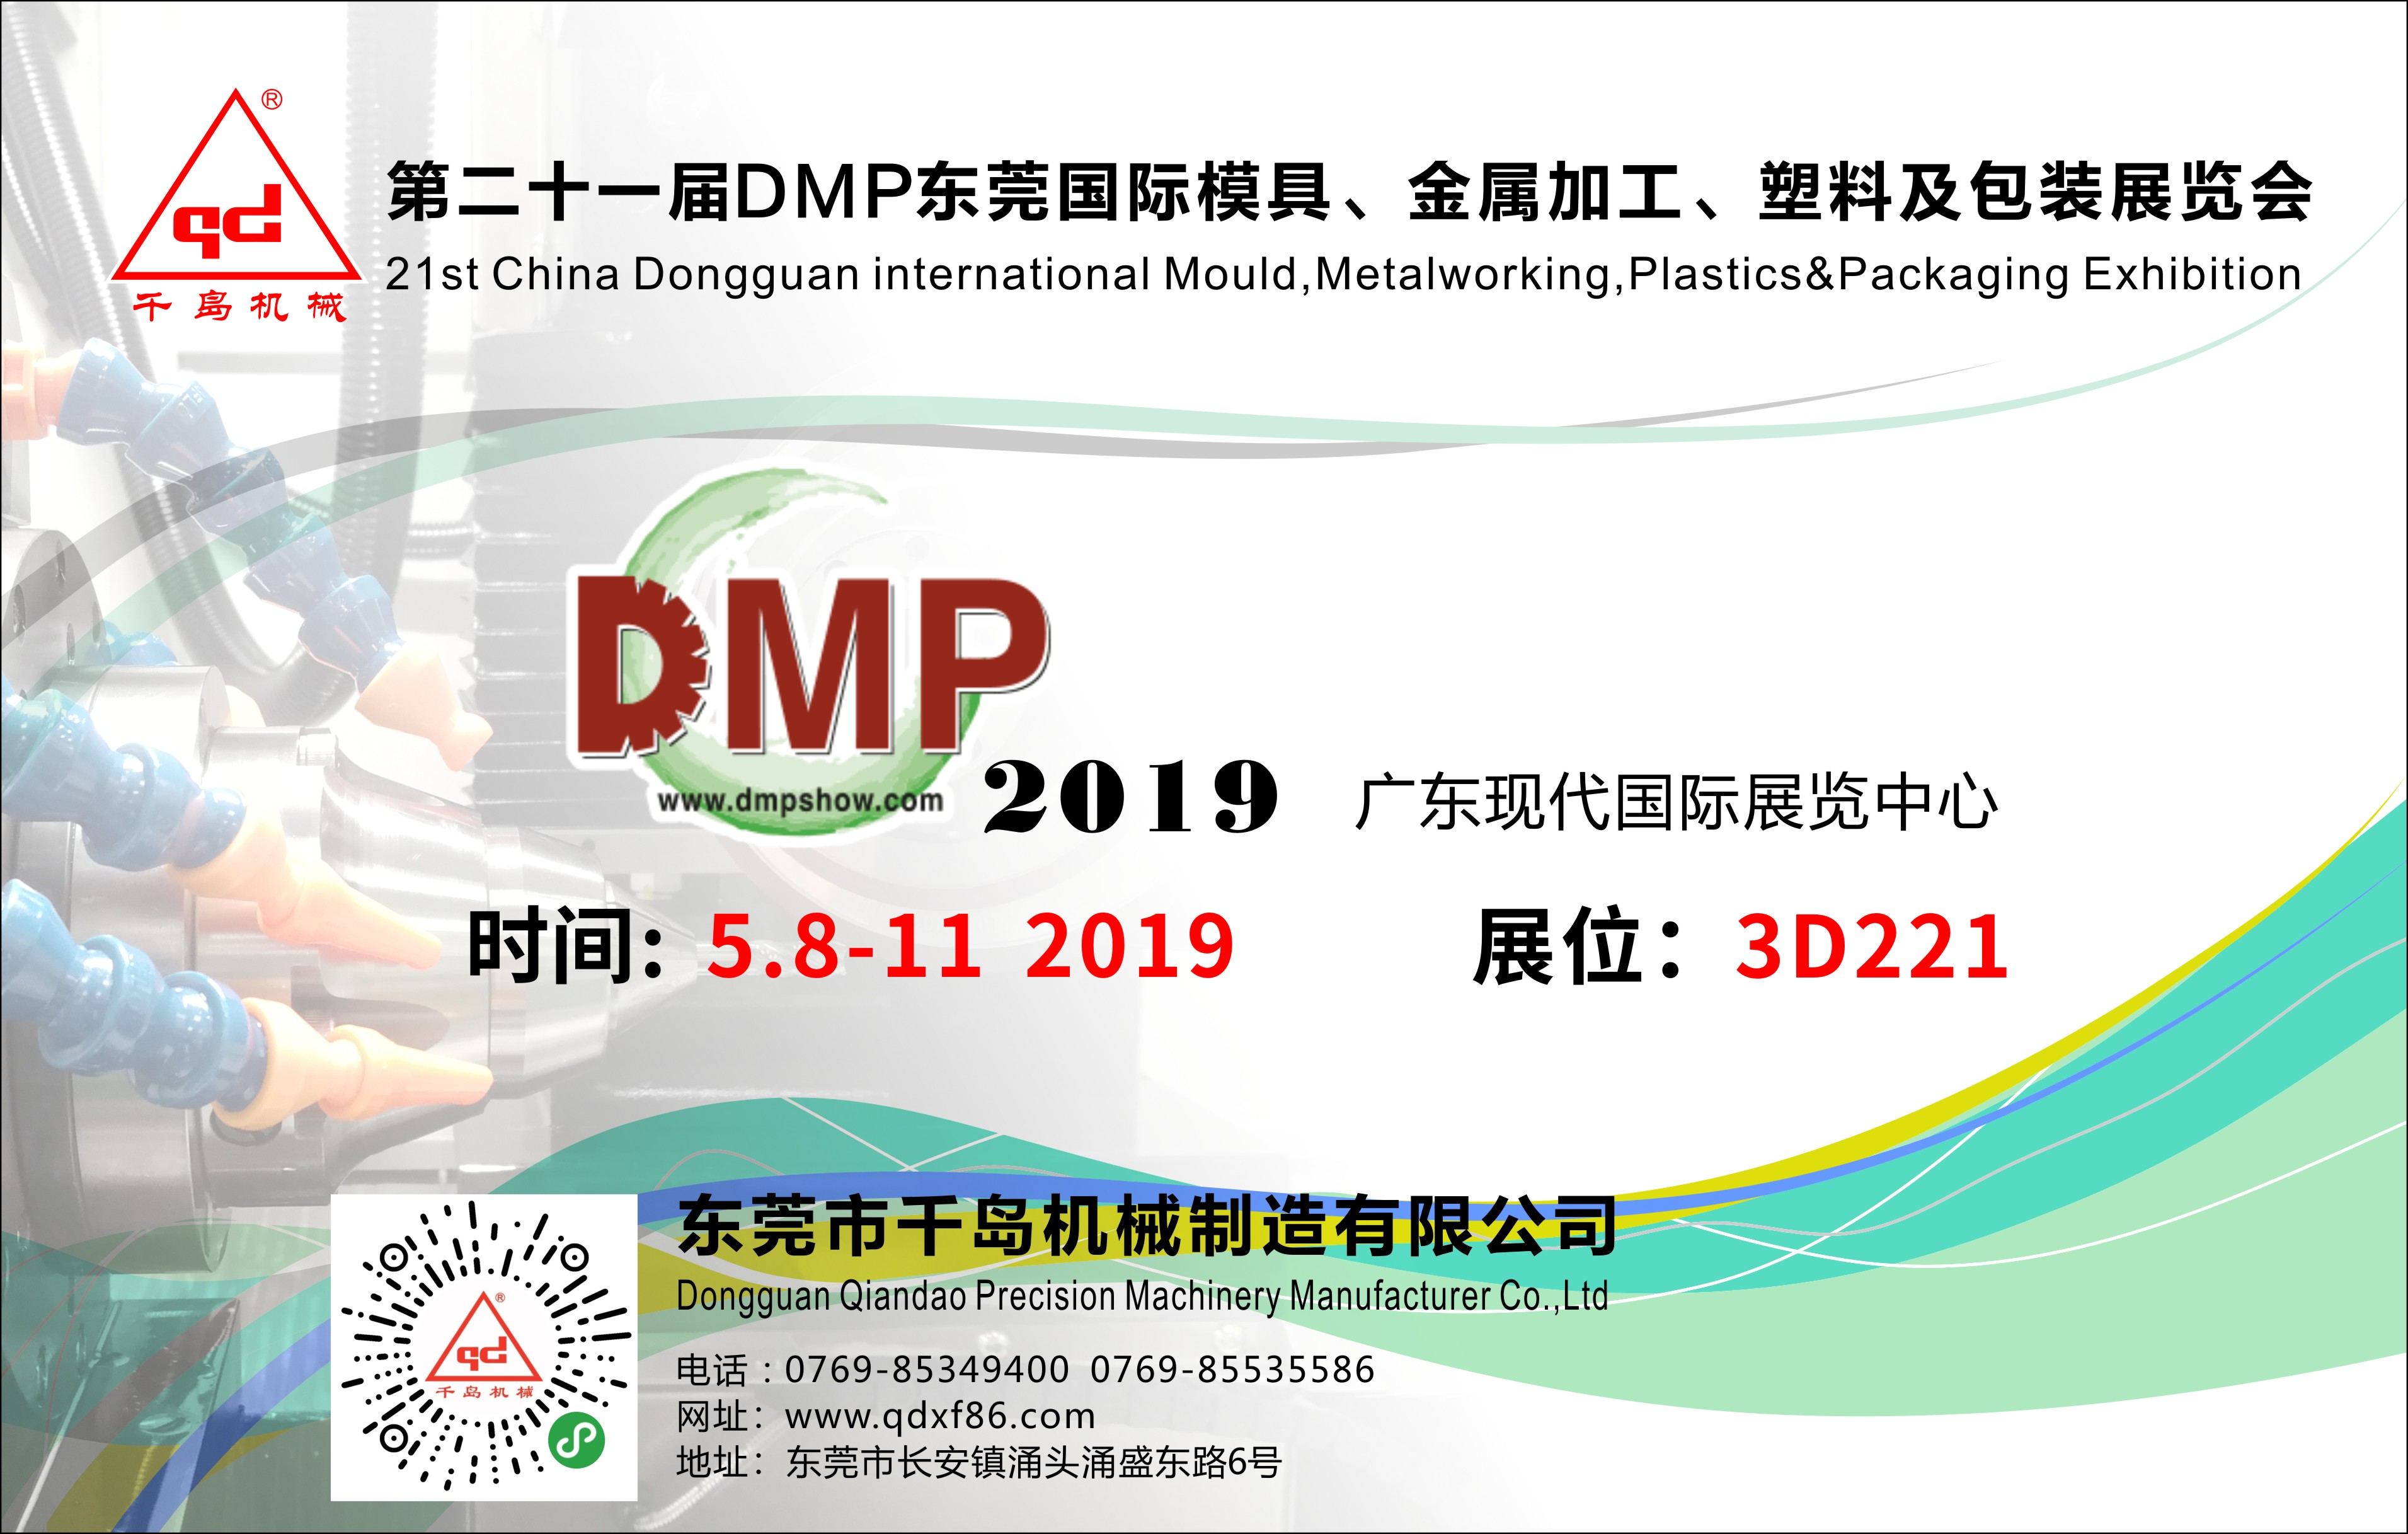 千島機械-第二十一屆DMP東莞國際模具、金屬加工展